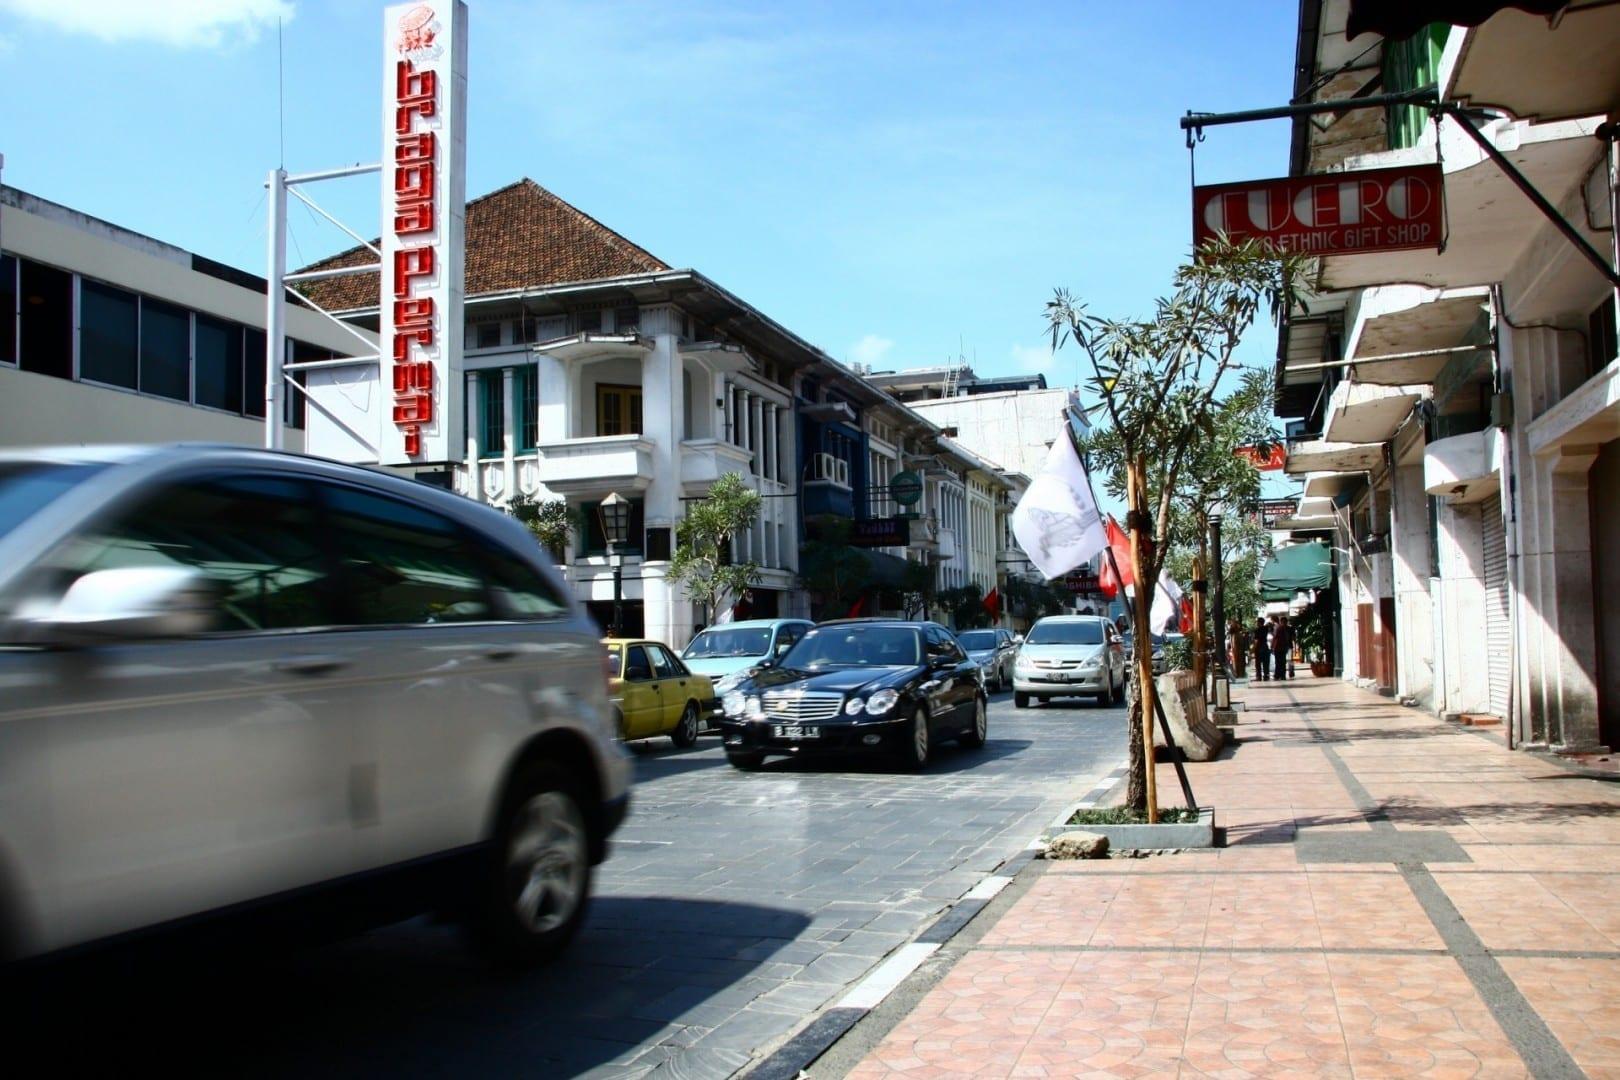 Hay algunos bares a lo largo de la calle Braga en el centro de la ciudad. Bandung Indonesia